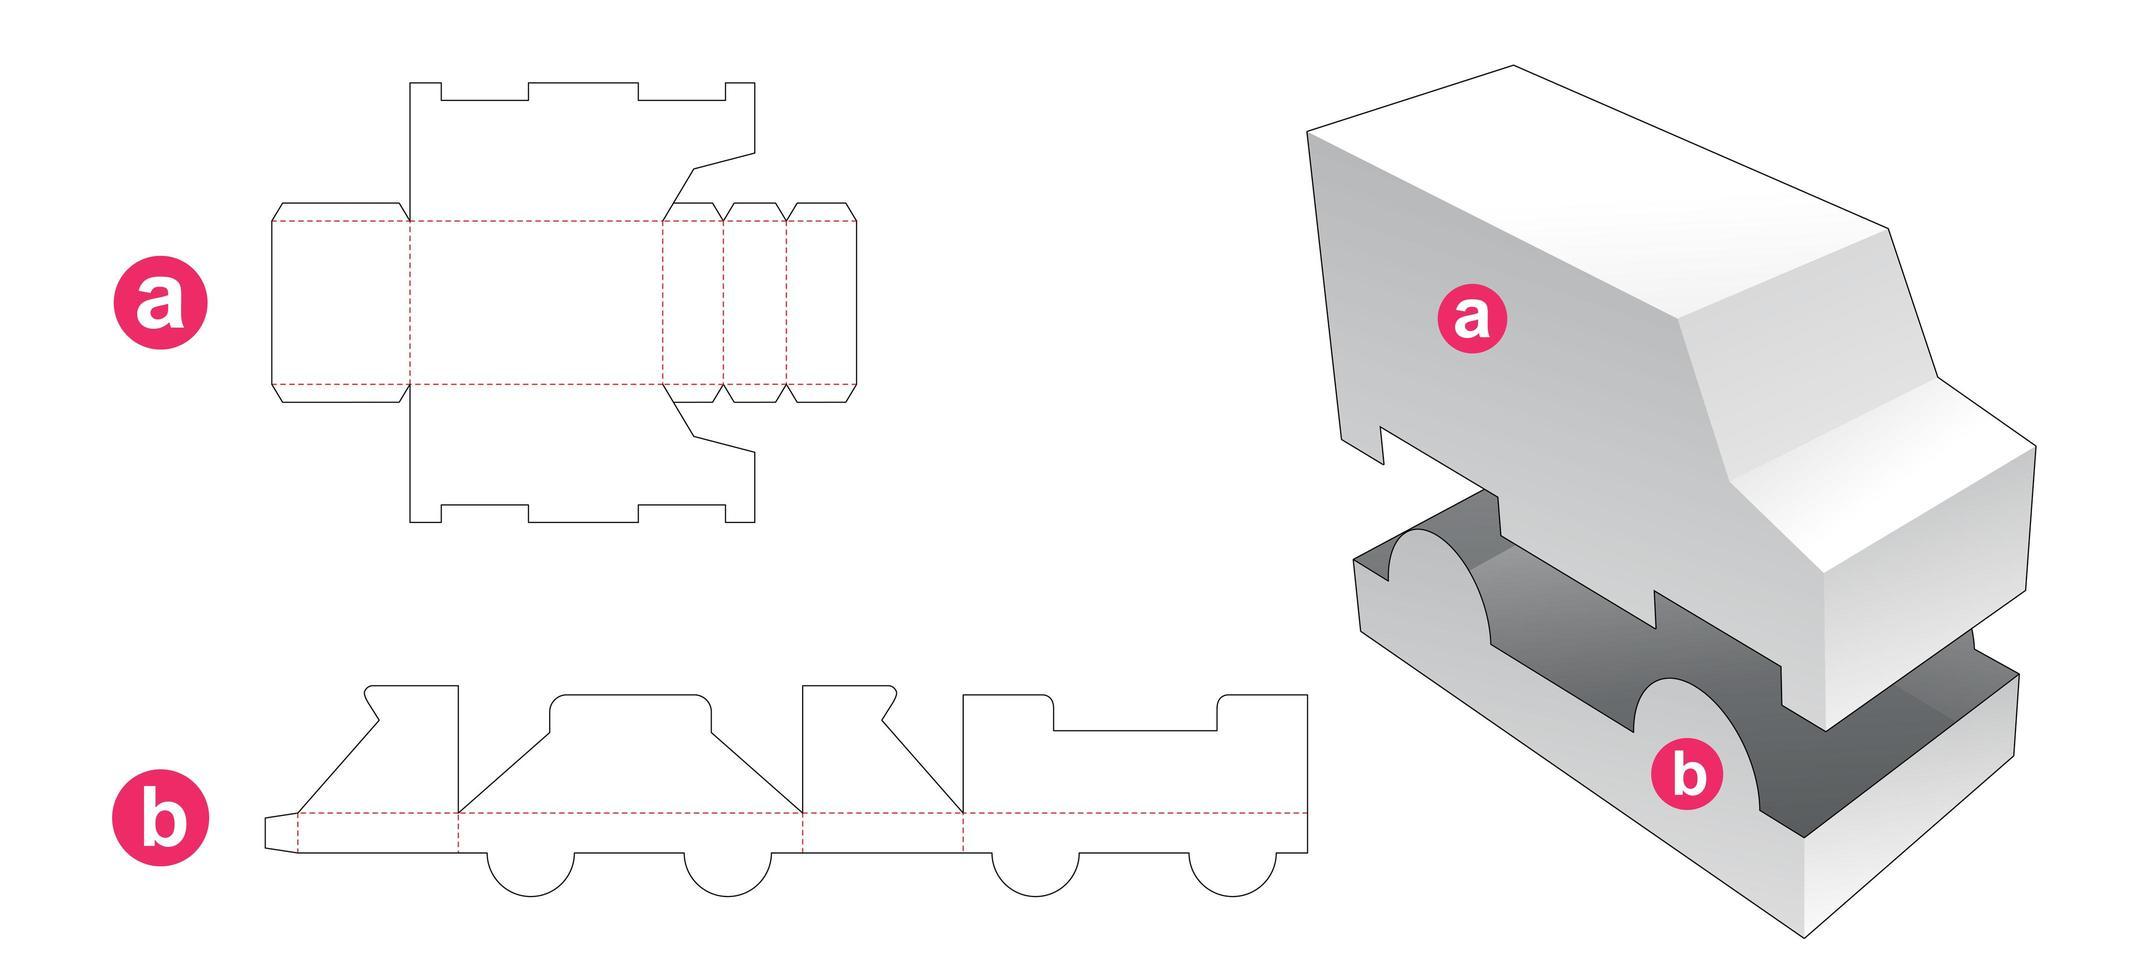 LKW-förmige Box und Deckel vektor